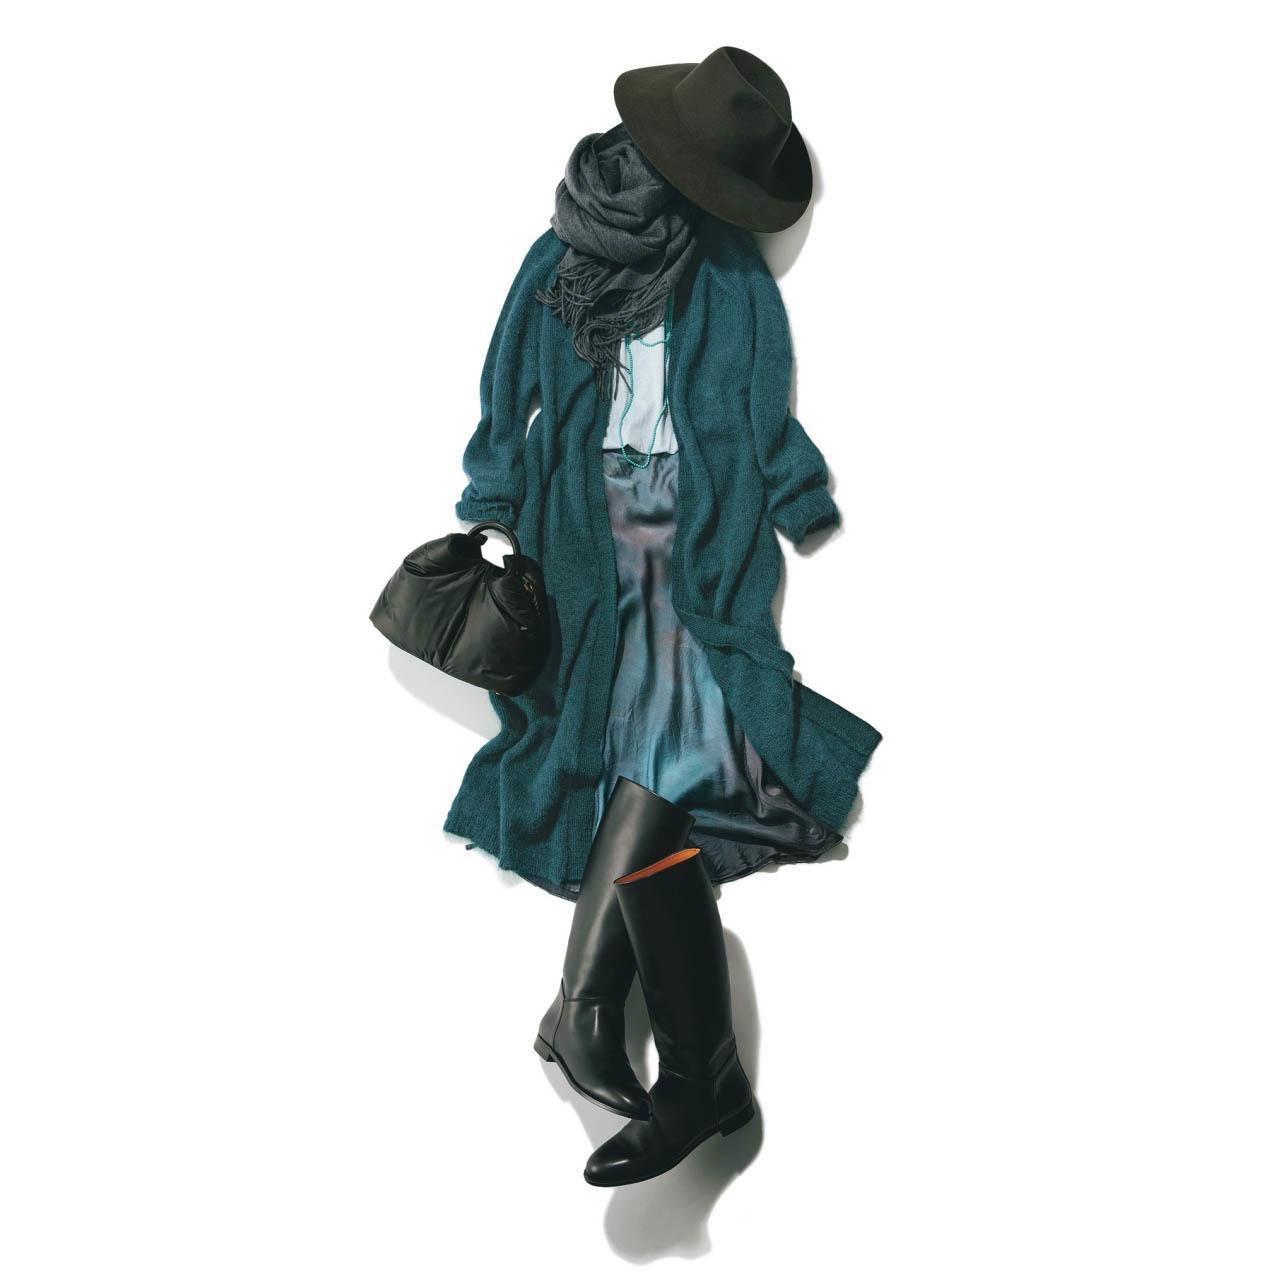 ■ロングカーディガン×スカート×ロングブーツのはおりコーデ